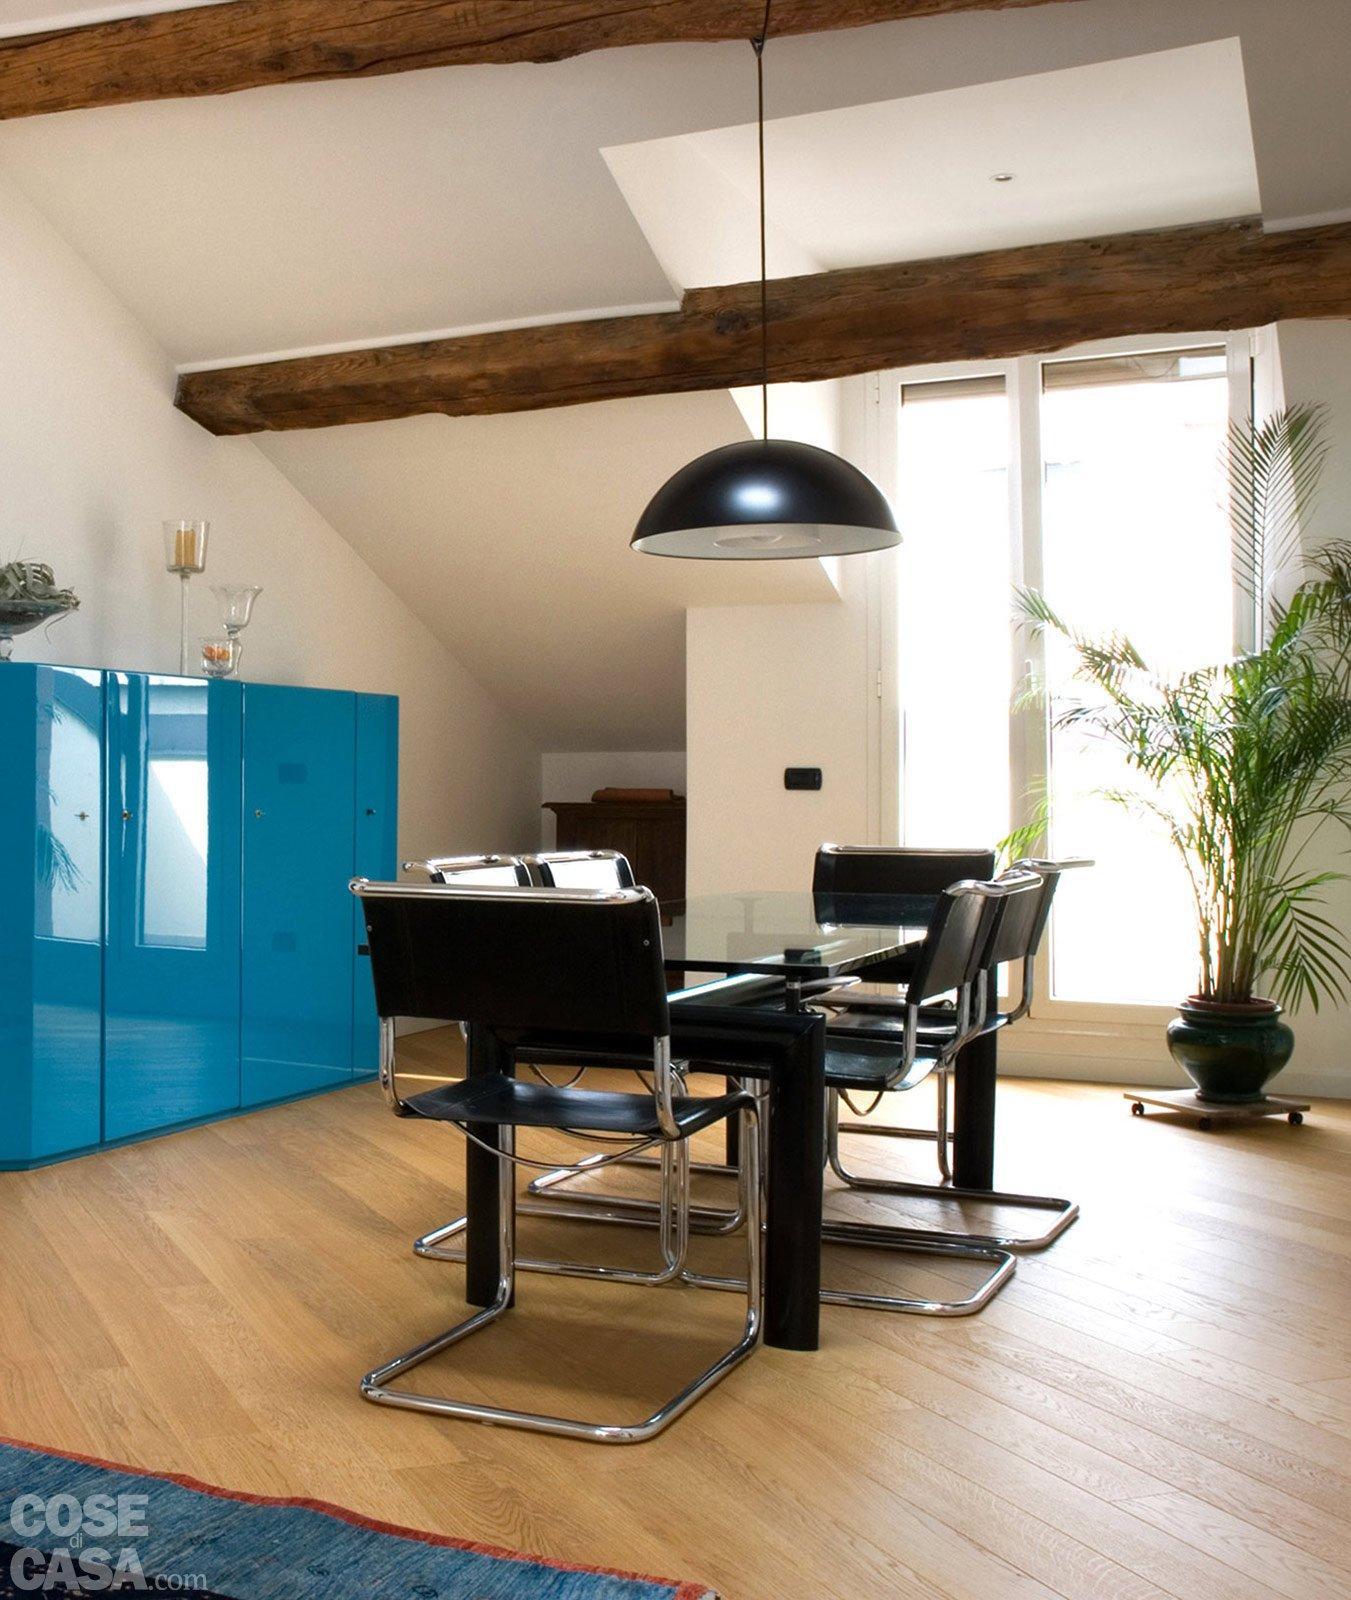 Sottotetto: Una Casa Con Travi A Vista Cose Di Casa #116A89 1351 1600 Lampada Sala Da Pranzo